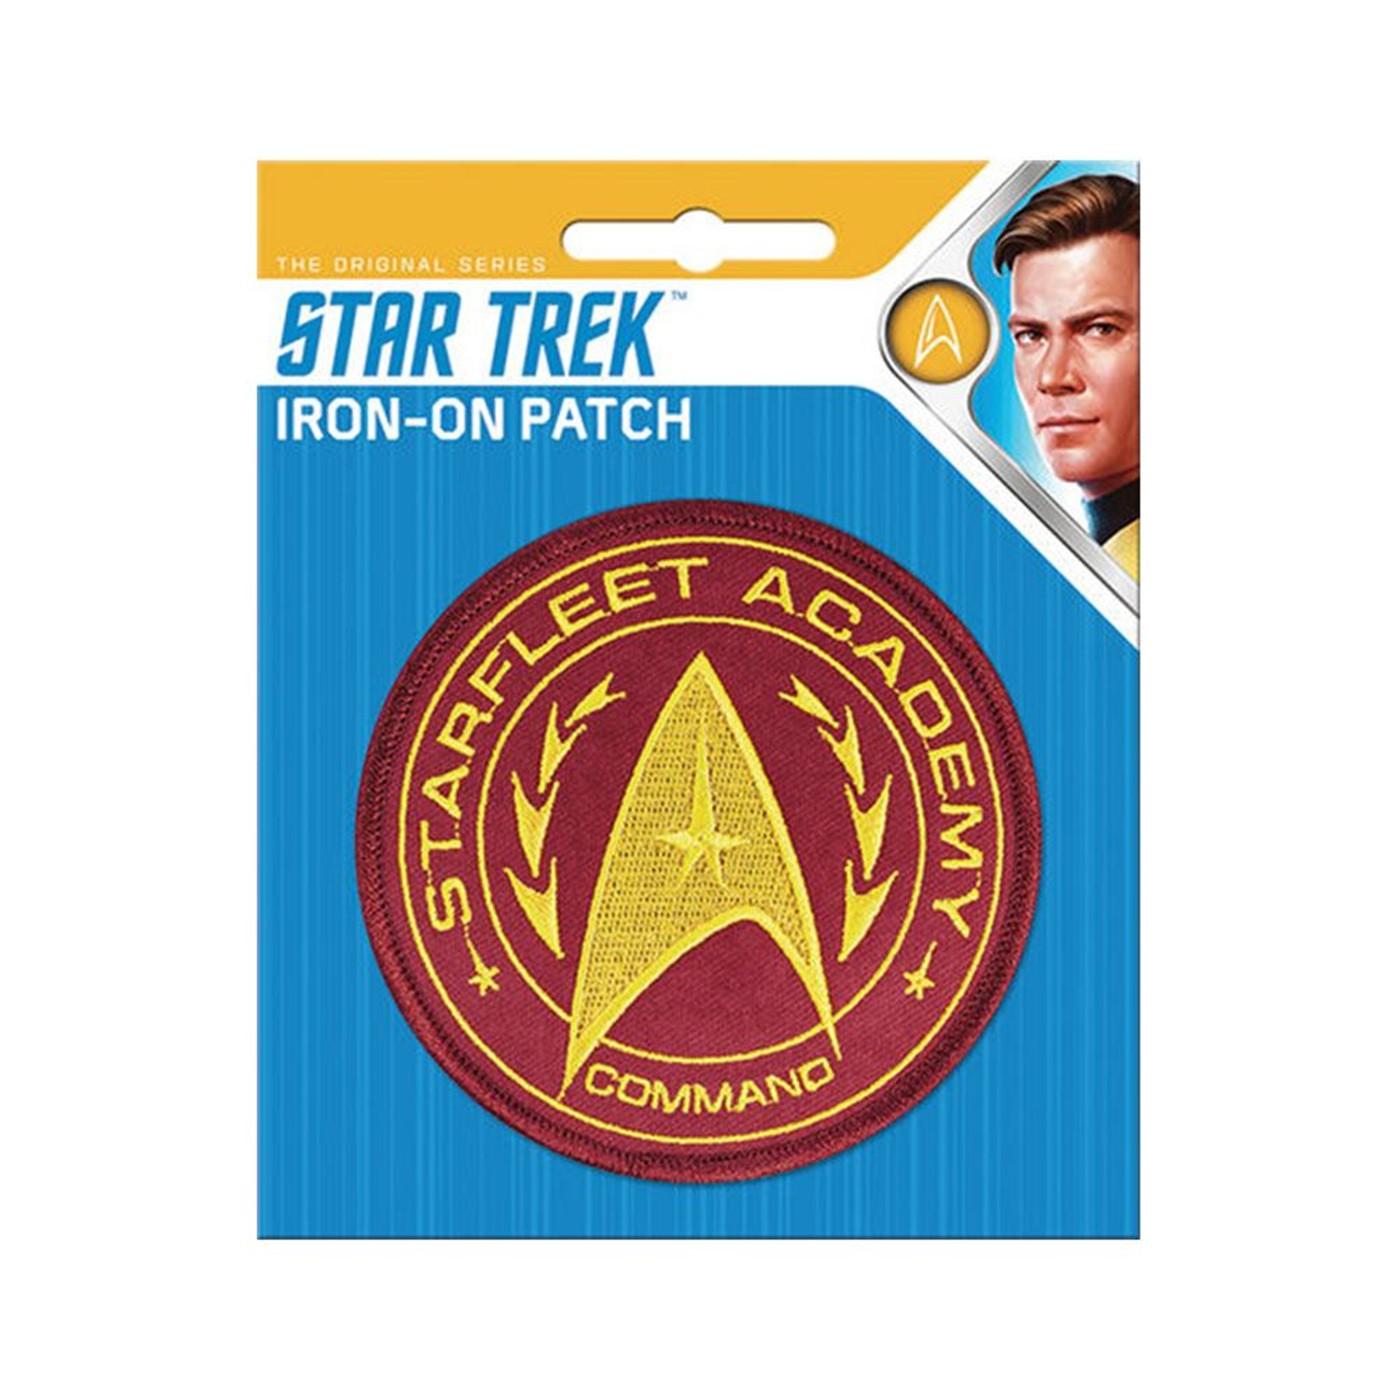 Star Trek Star Fleet Academy Patch